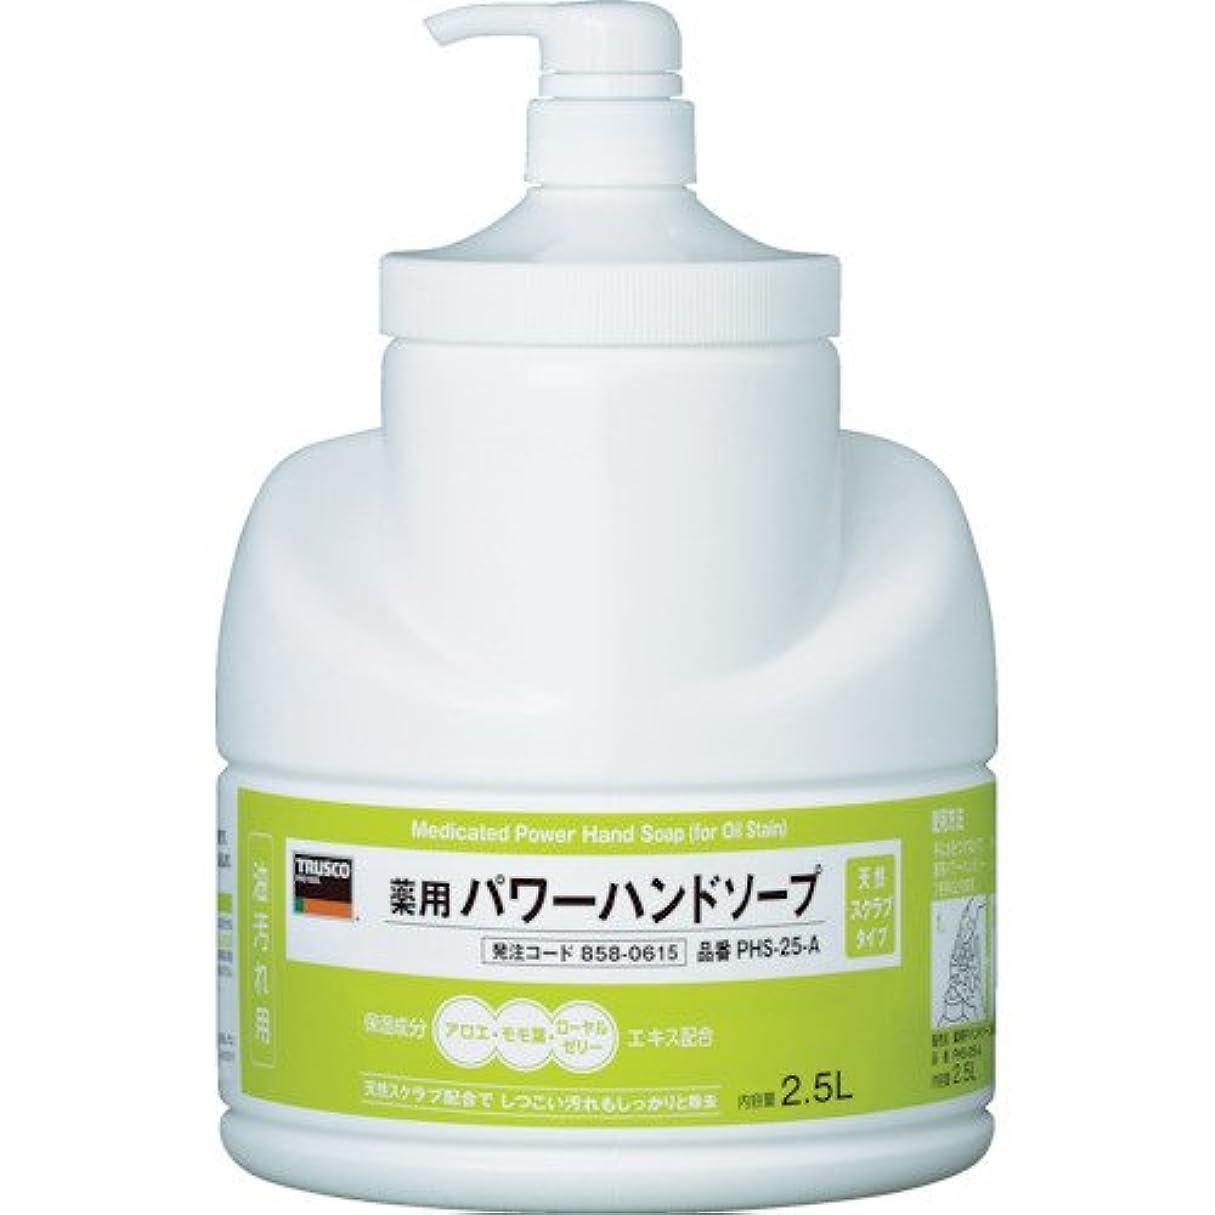 リングバック驚き時制トラスコ中山(株) TRUSCO 薬用パワーハンドソープポンプボトル 2.5L PHS-25-A